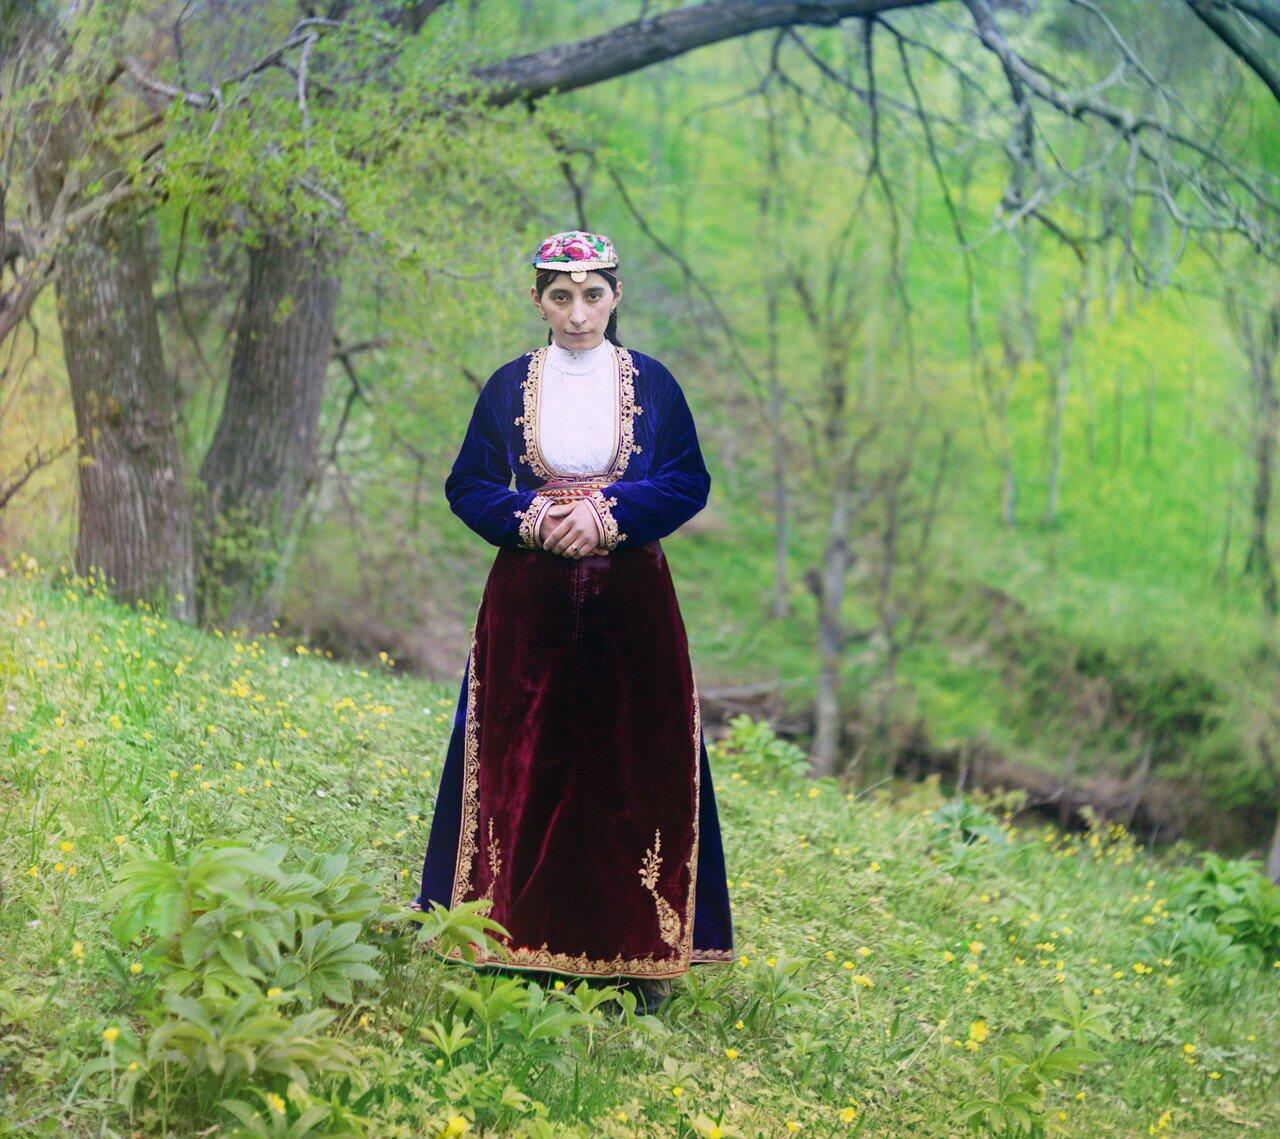 Окрестности Батума. Армянка в национальном костюме